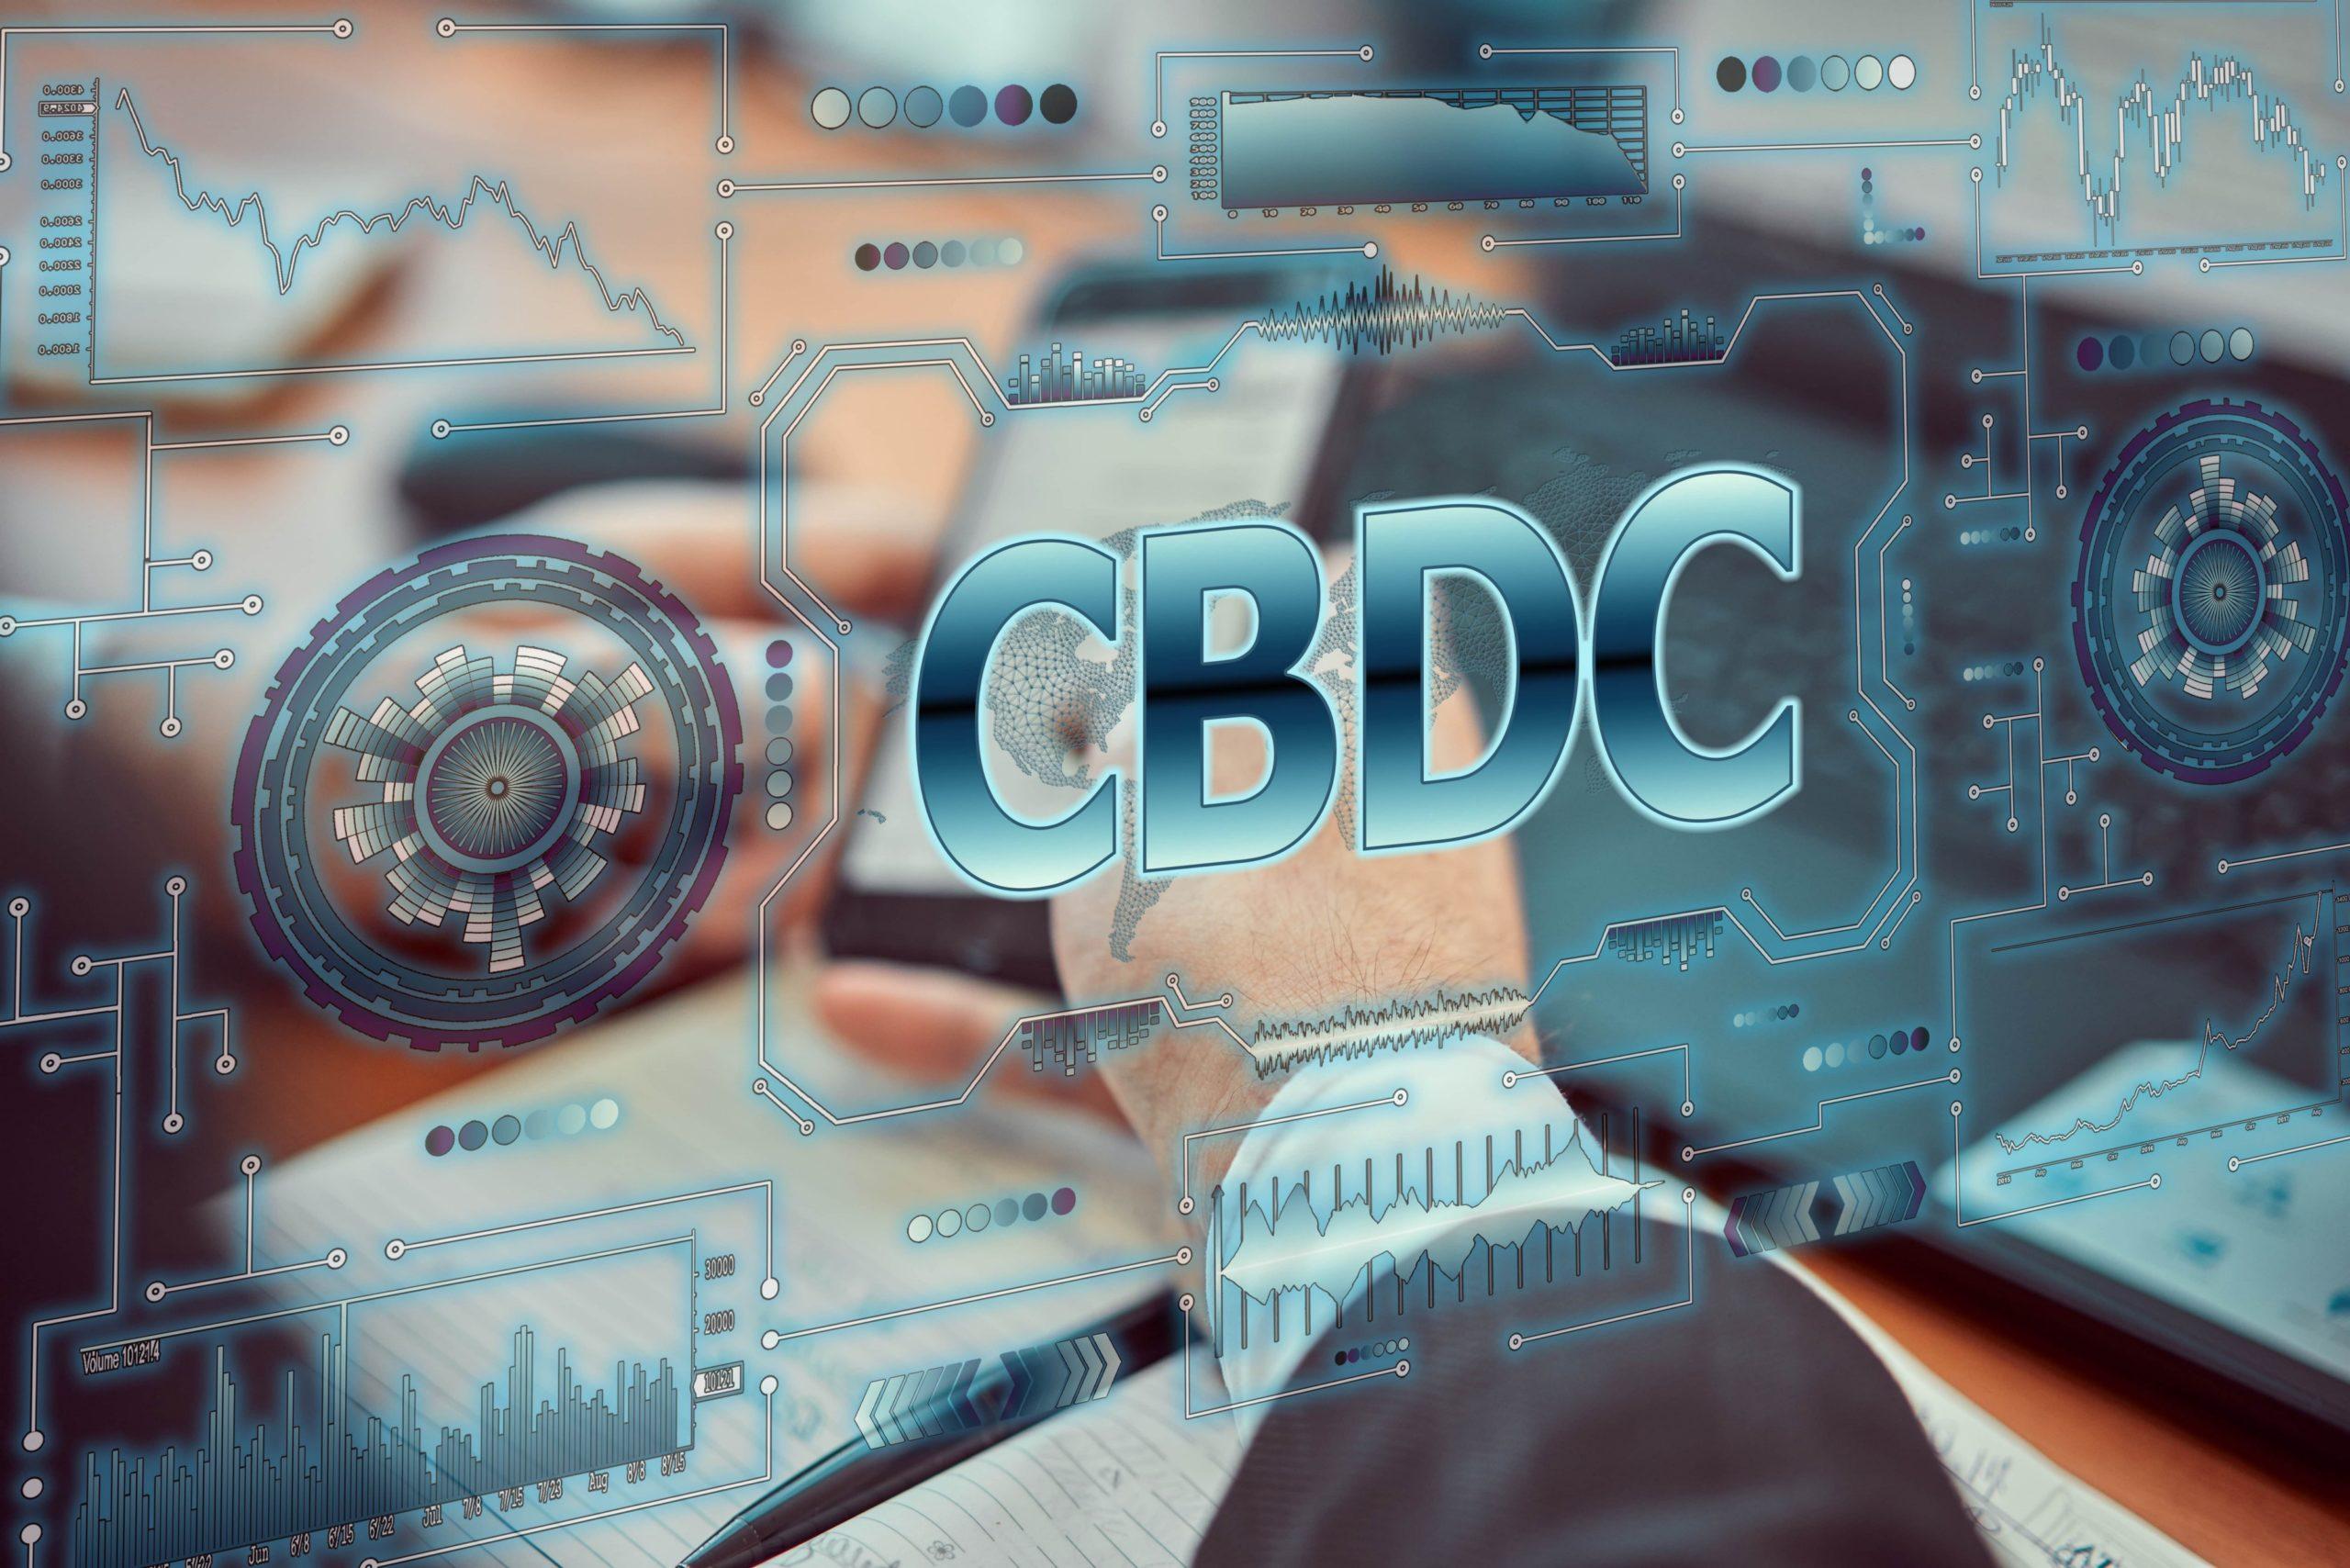 merkez bankaları cbdc araştırması yapıyor scaled